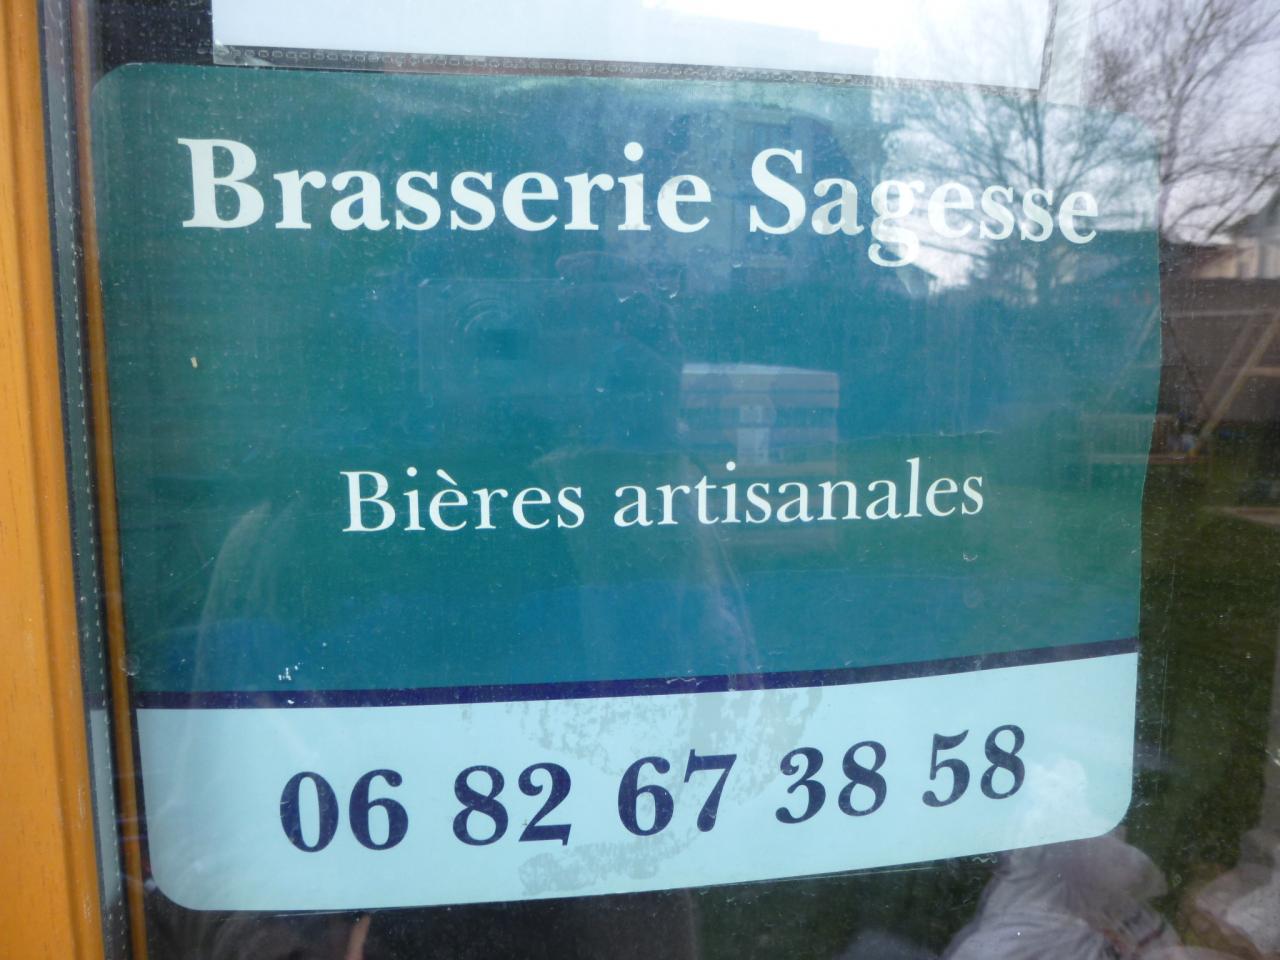 La Brasserie Sagesse de Nicolas à Maisons-Laffitte